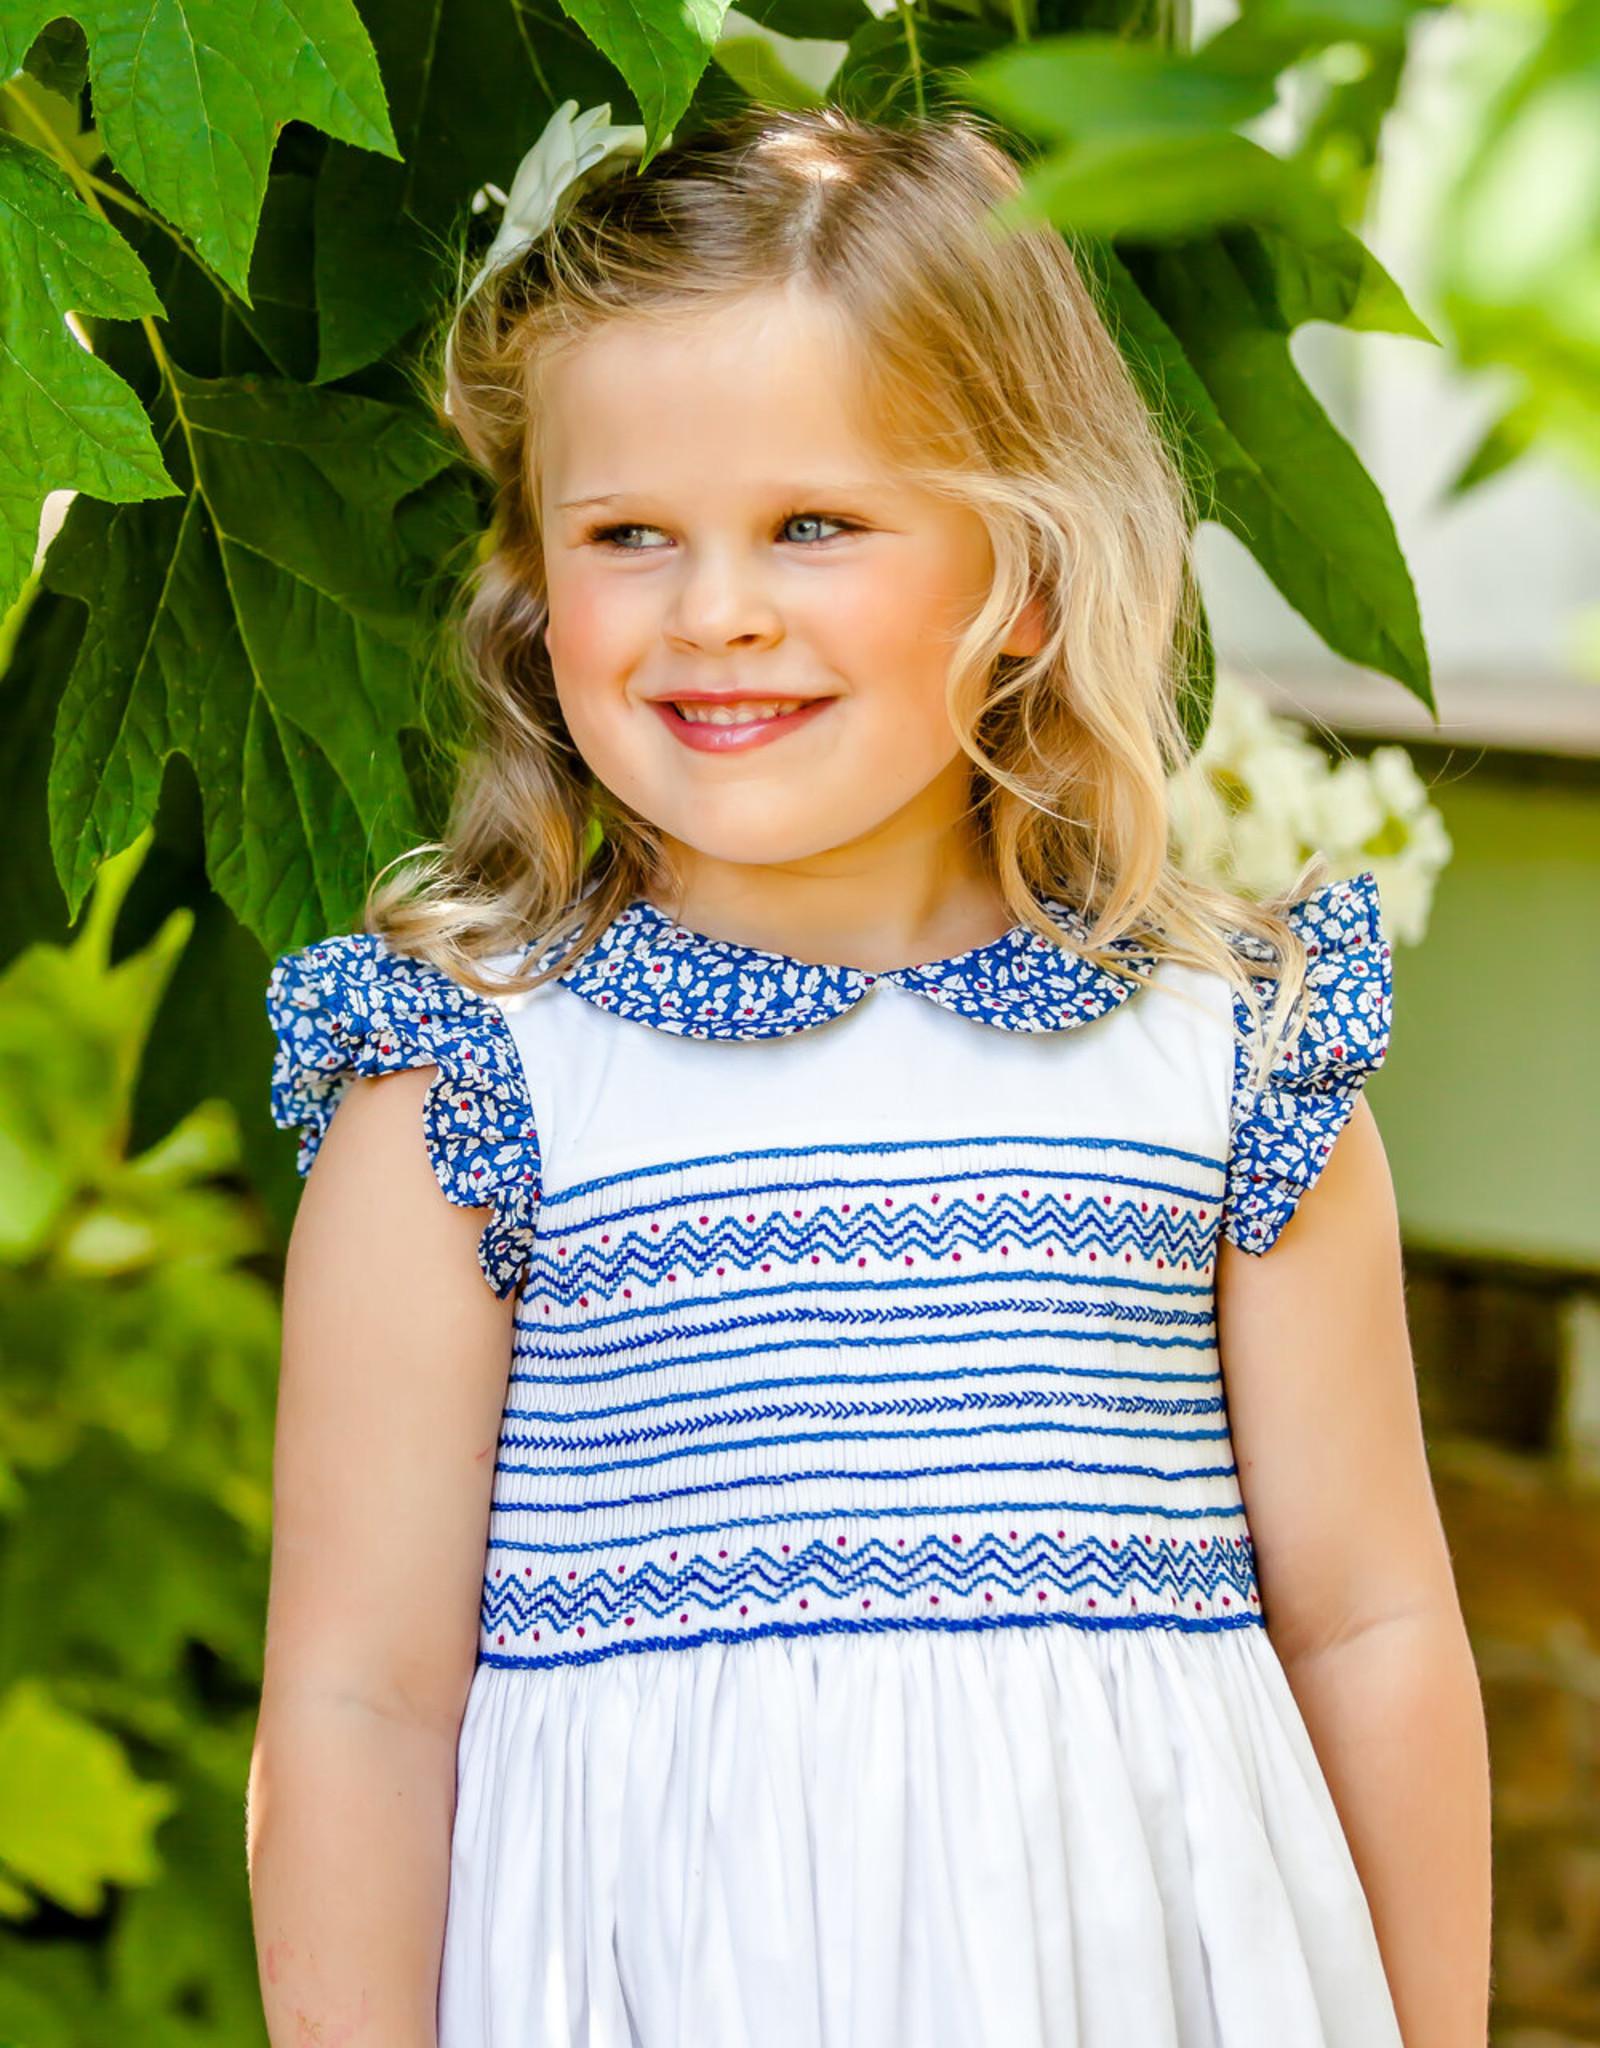 Antoinette Paris Amalia Antionette Paris Dress